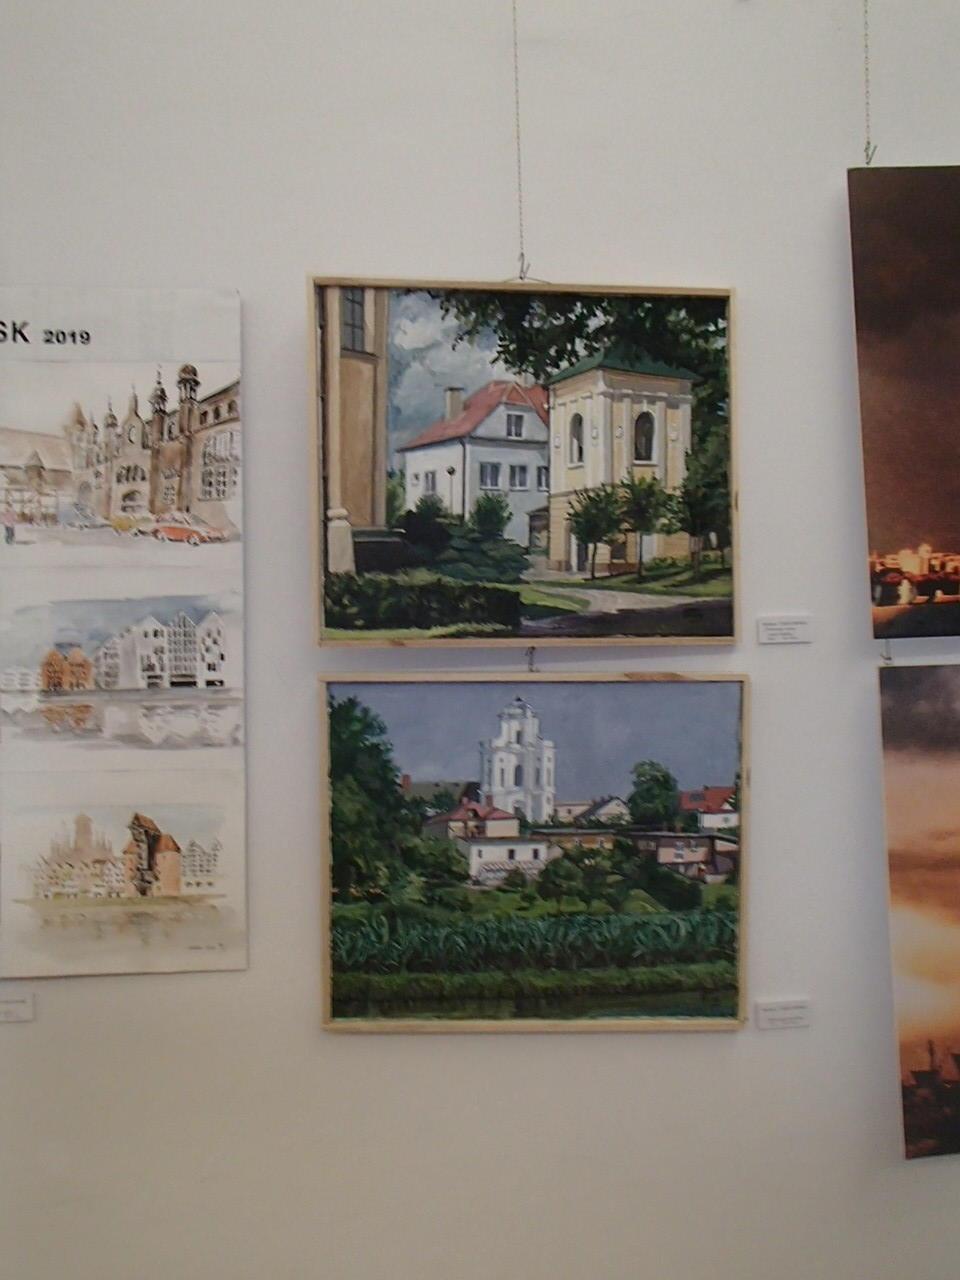 Obrazy Barbary Targowskiej - SALON JESIENNY 2019 - Sala Lustrzana - Pałac Zamoyskich